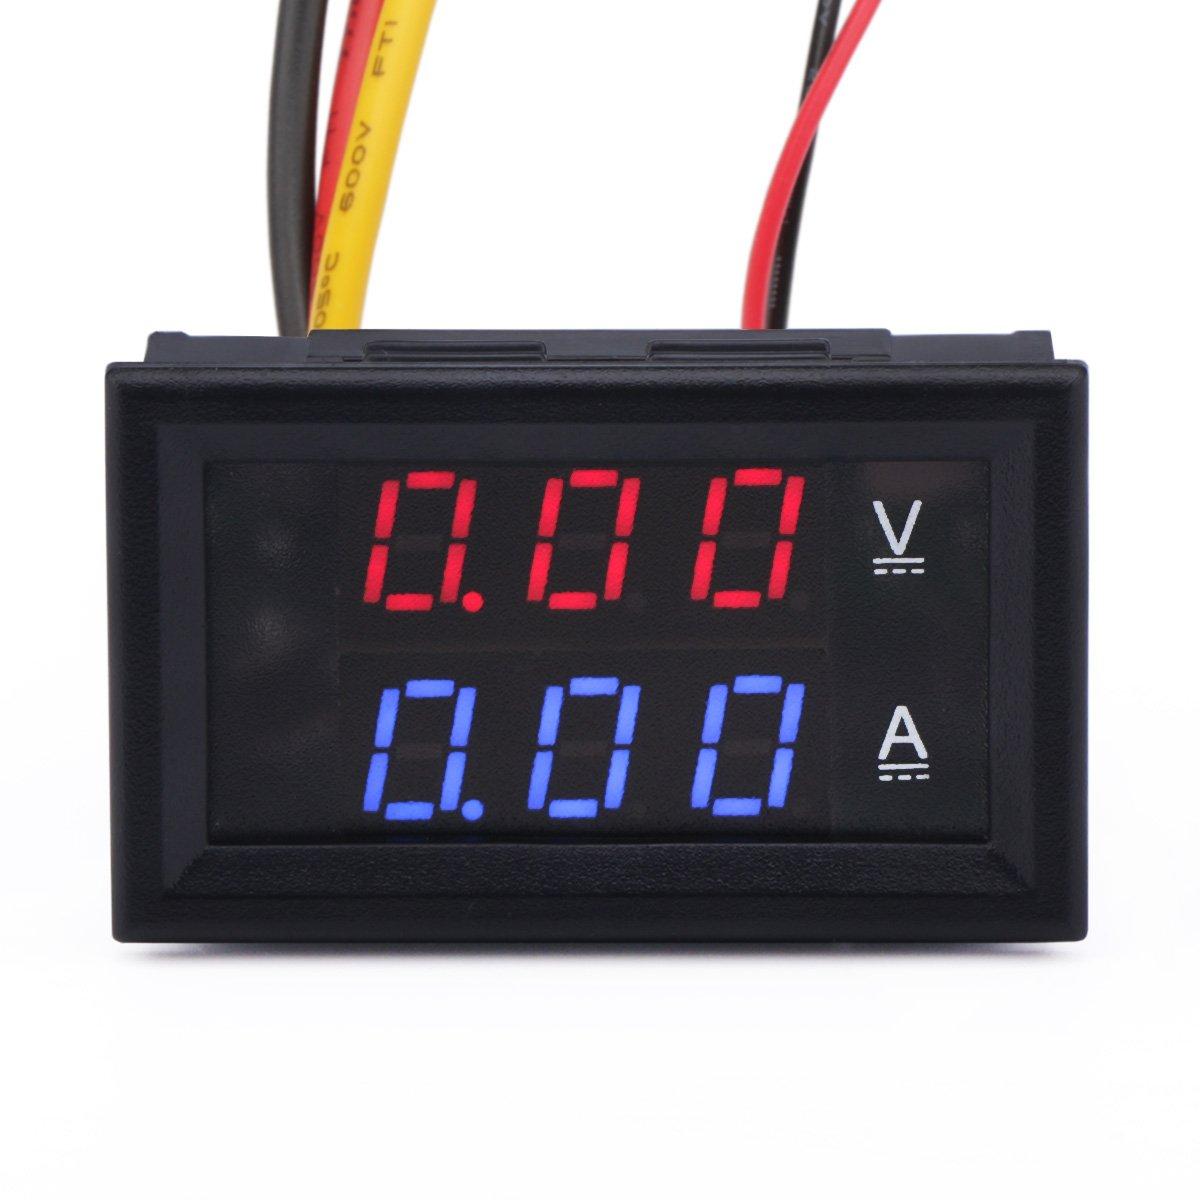 Drok Digital Current Tester Multimeter Dc 100v Volt 2a Basic Motorcycle Wiring Diagram Voltmeter Ampere Battery Monitor Gauge 2in1 Red Blue 2 Color Led Display Car Automotive 12v 24v